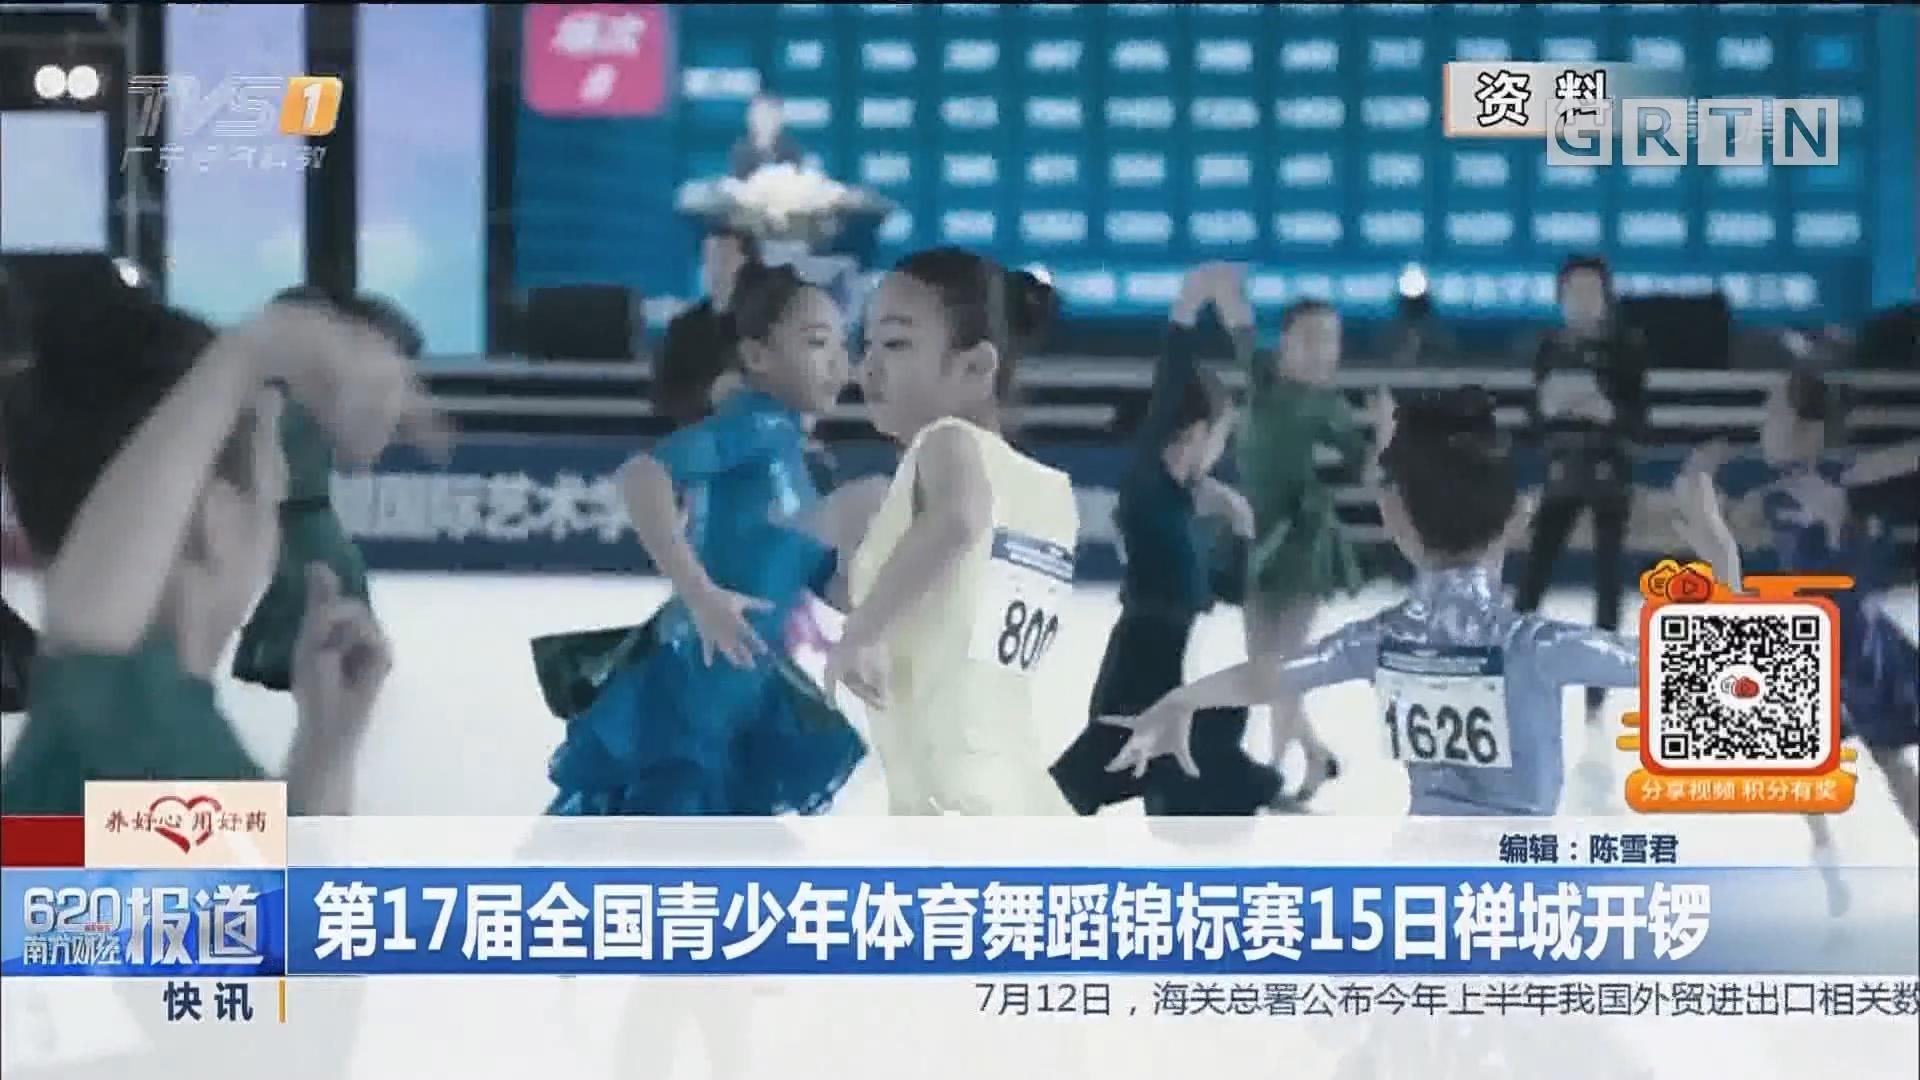 第17届全国青少年体育舞蹈锦标赛15日禅城开锣